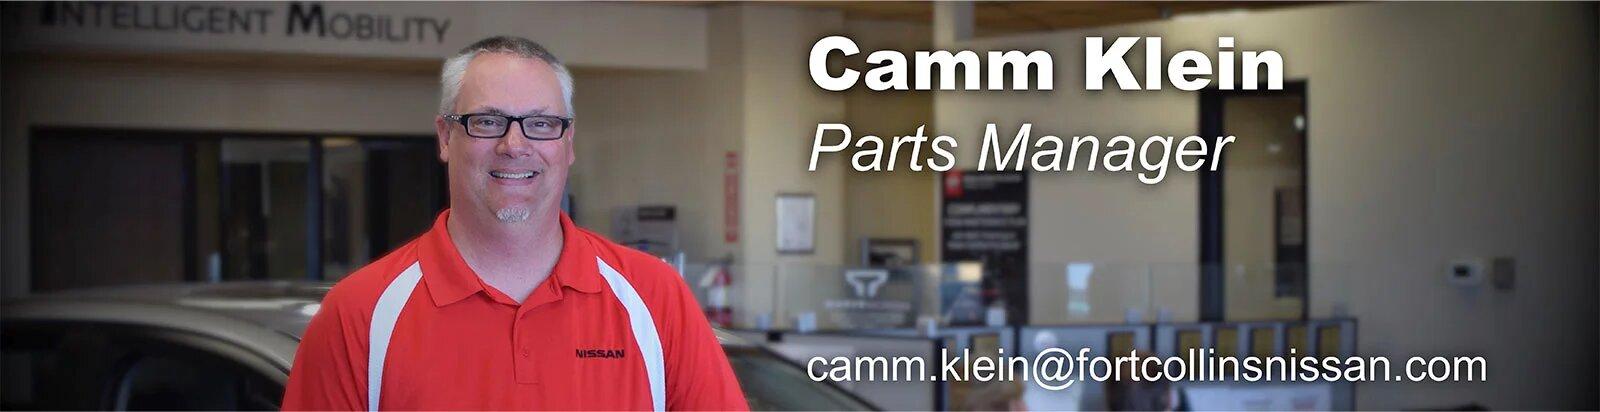 Camm Klein